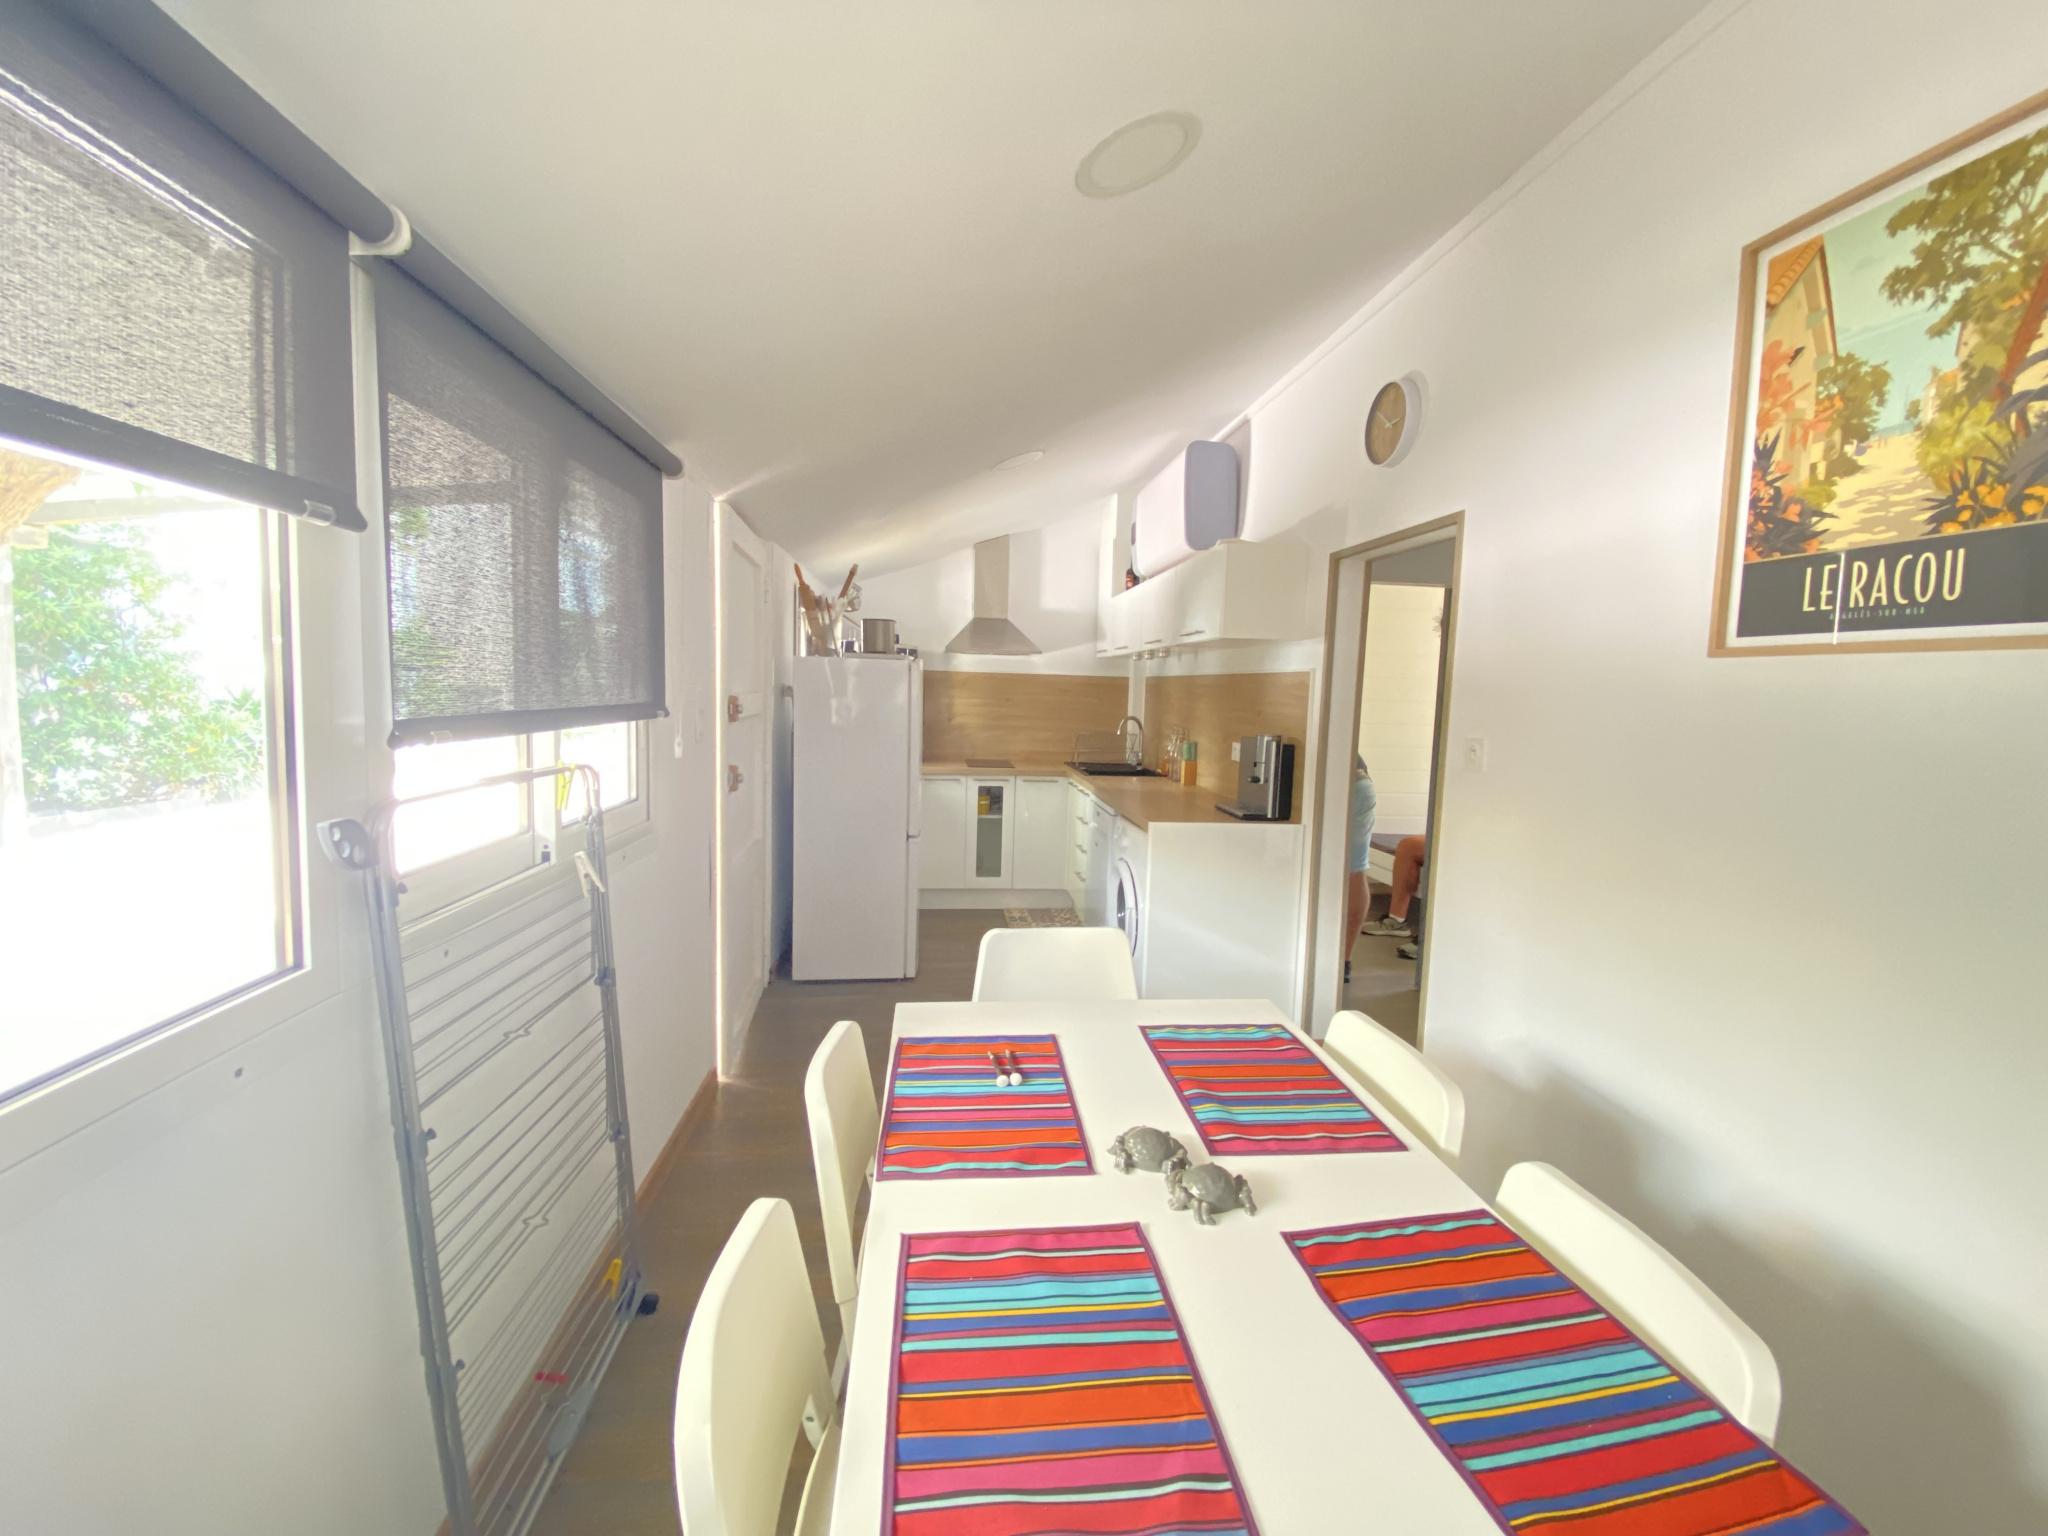 À vendre maison/villa de 34m2 à argeles sur mer (66700) - Photo 0'